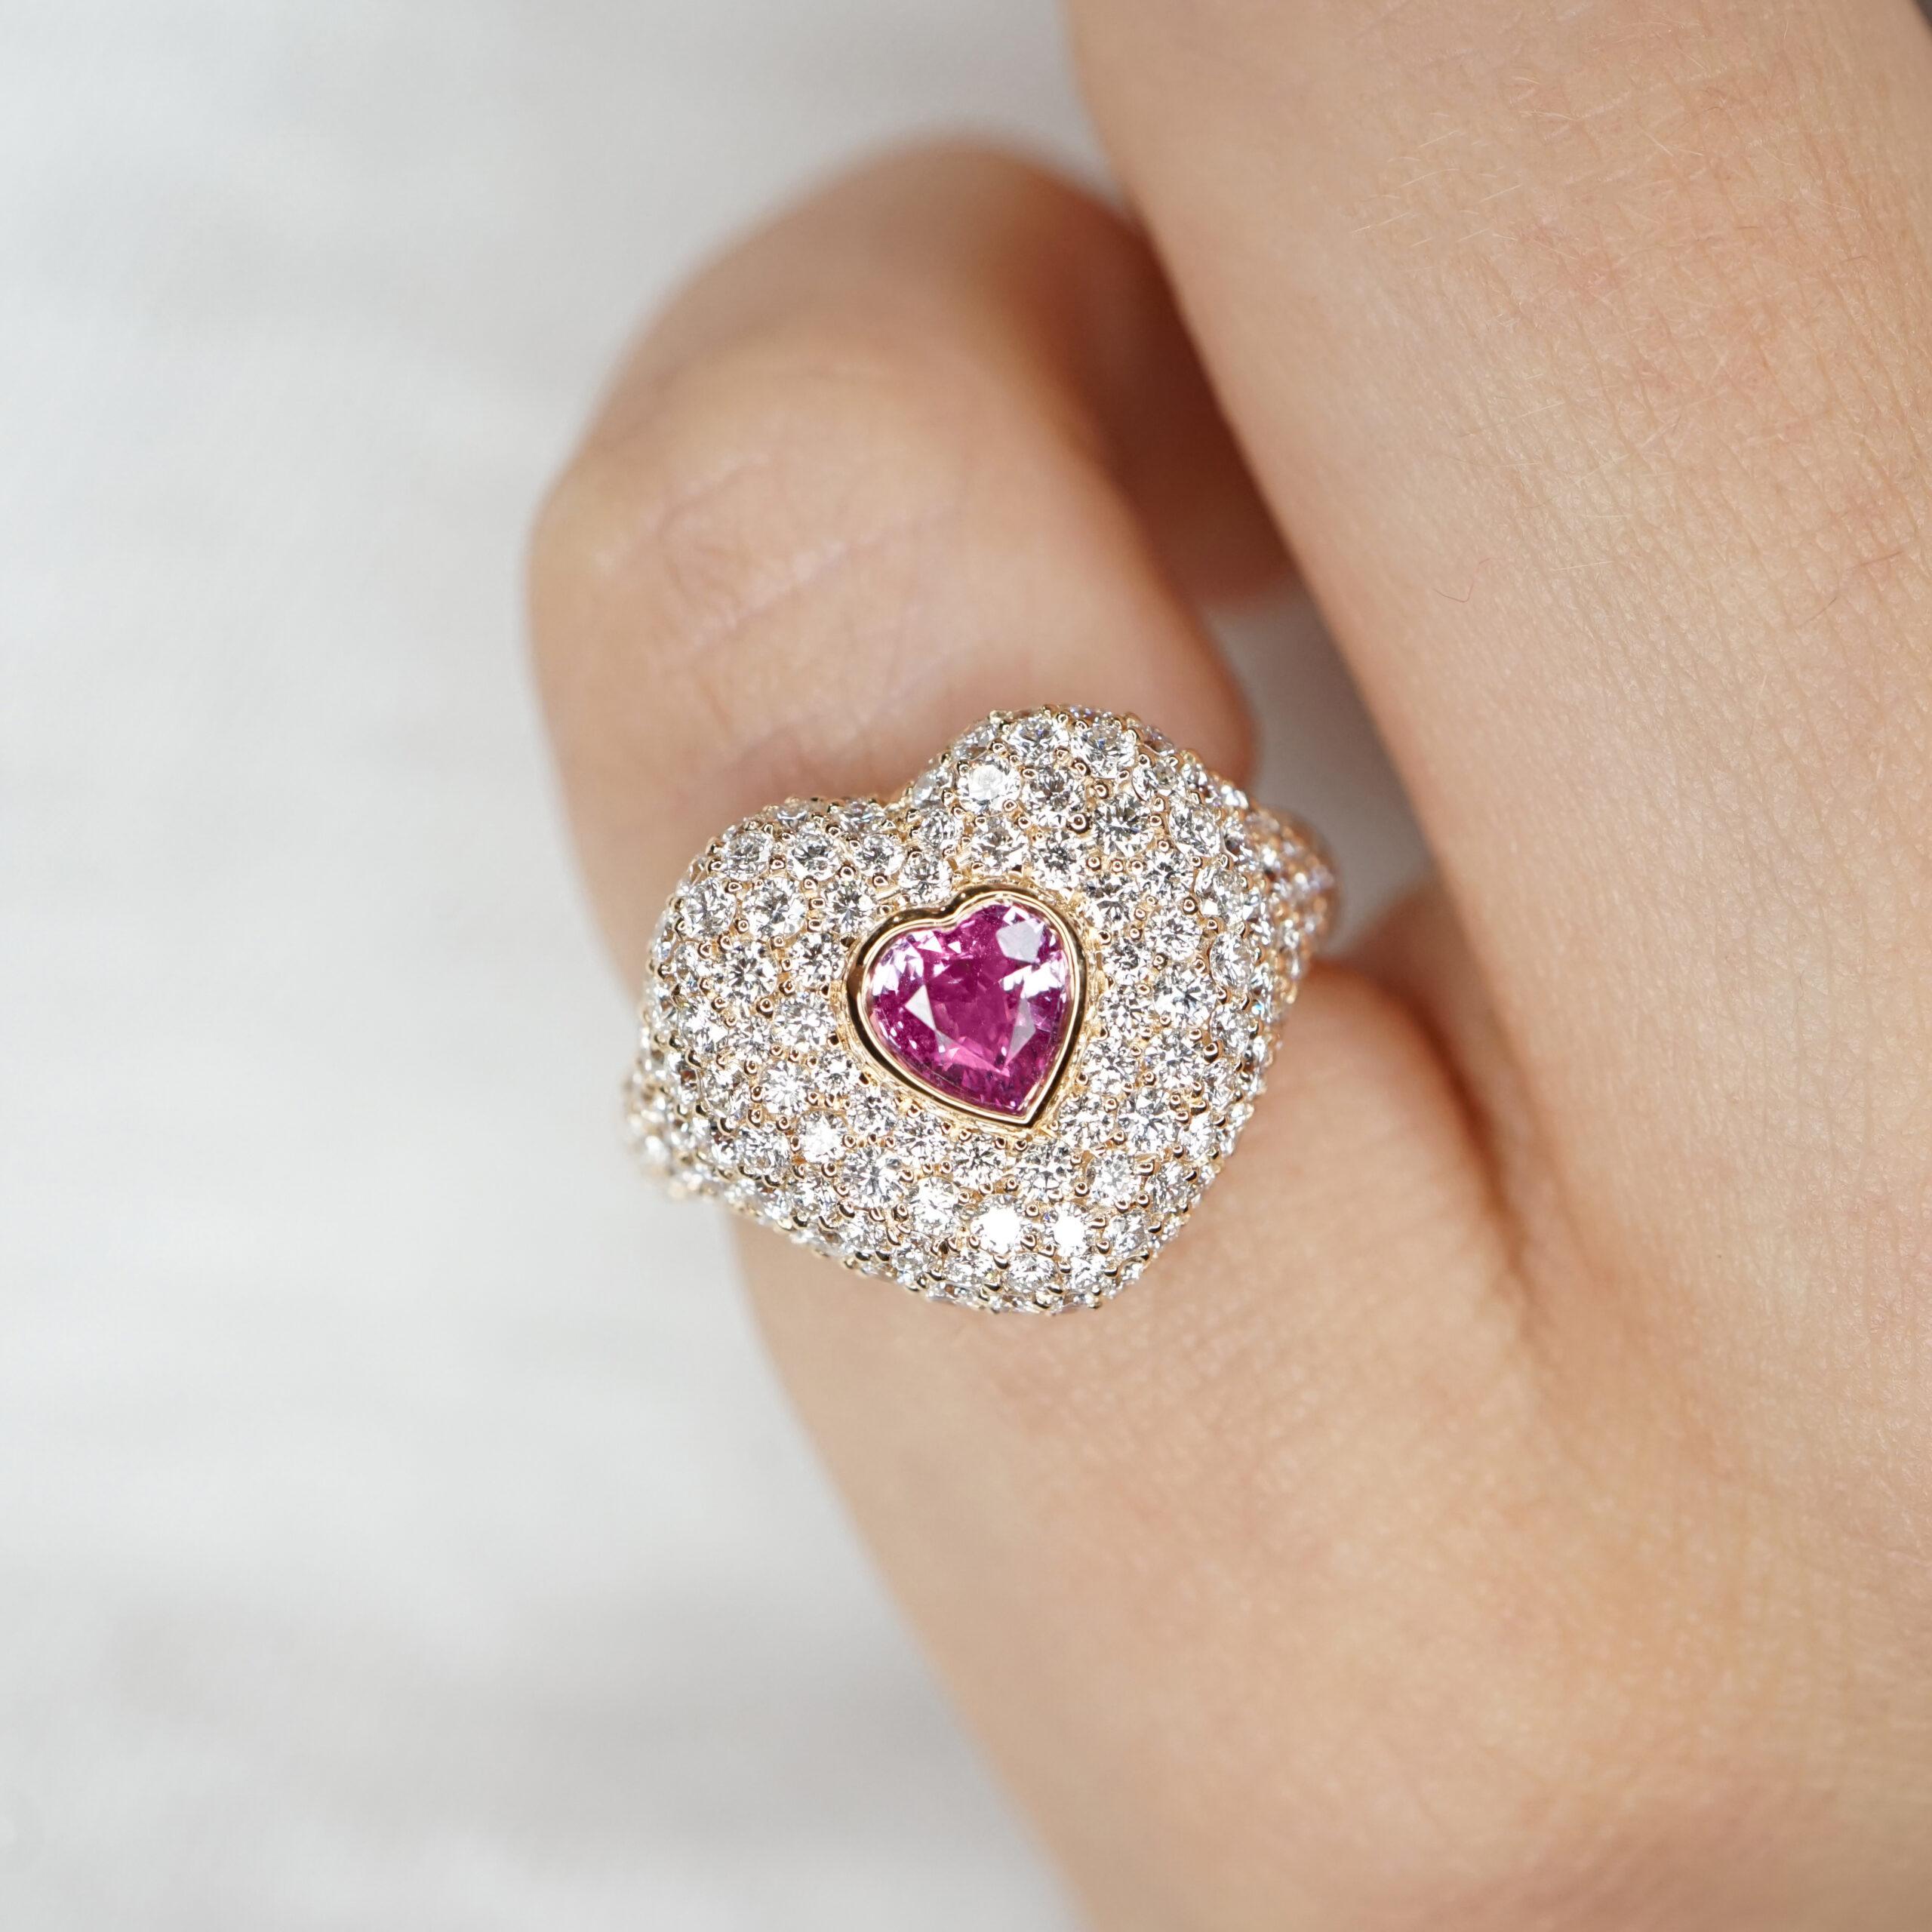 Crivelli - Anello chevalier in oro rosa, diamanti e zaffiro rosa centrale taglio cuore